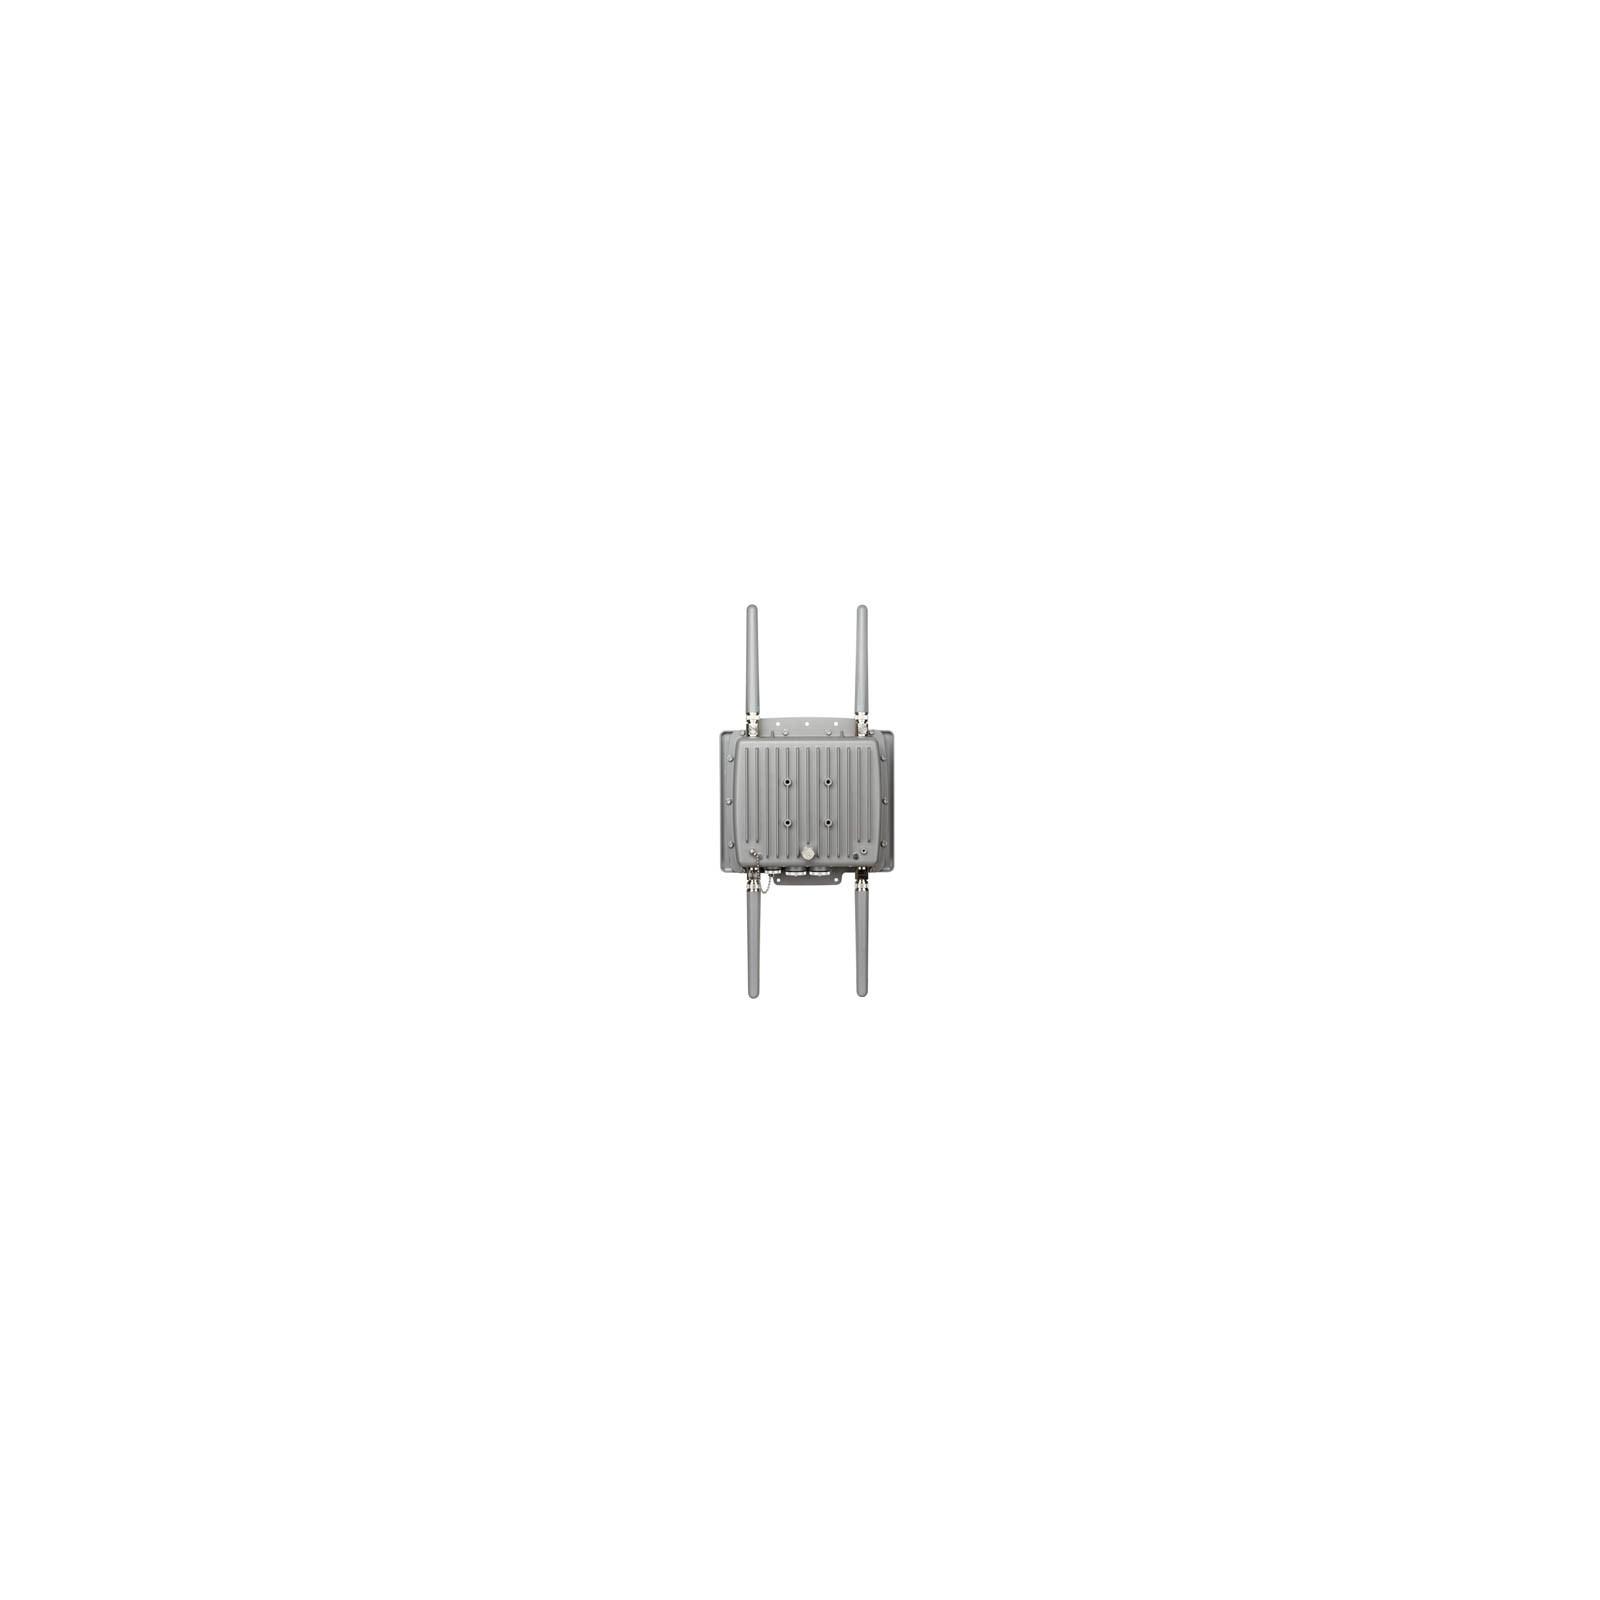 Точка доступа Wi-Fi D-Link DAP-3690 изображение 2